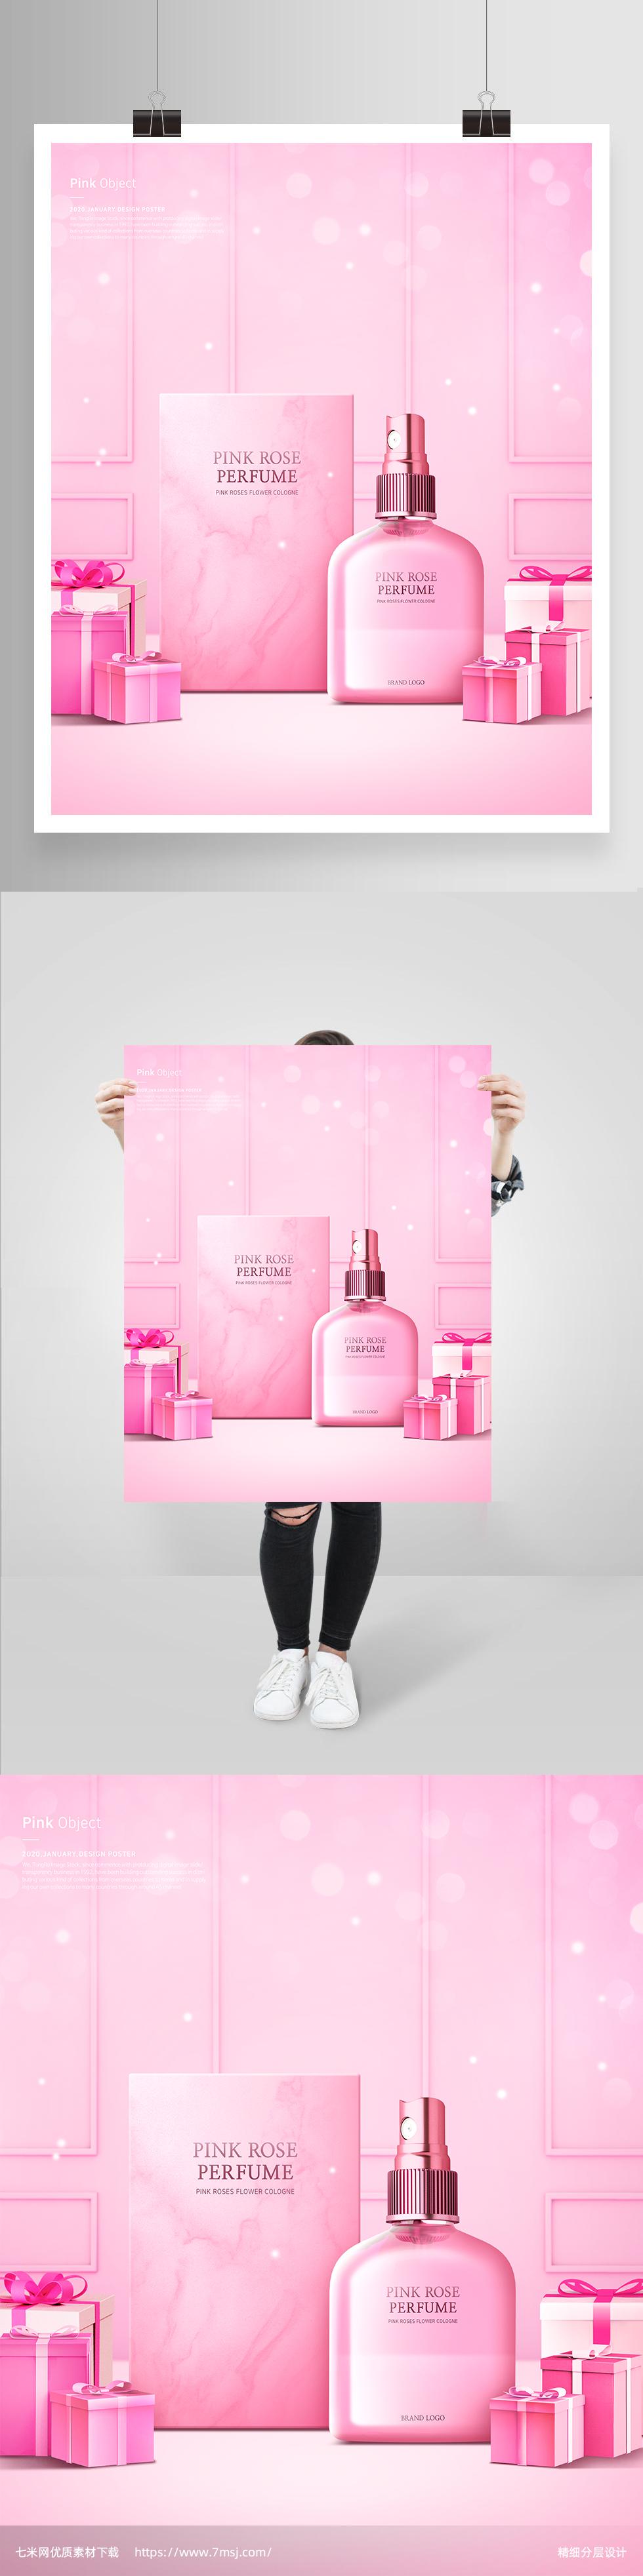 粉色情人节礼物香水化妆品彩妆口红海报psd分层设计素材